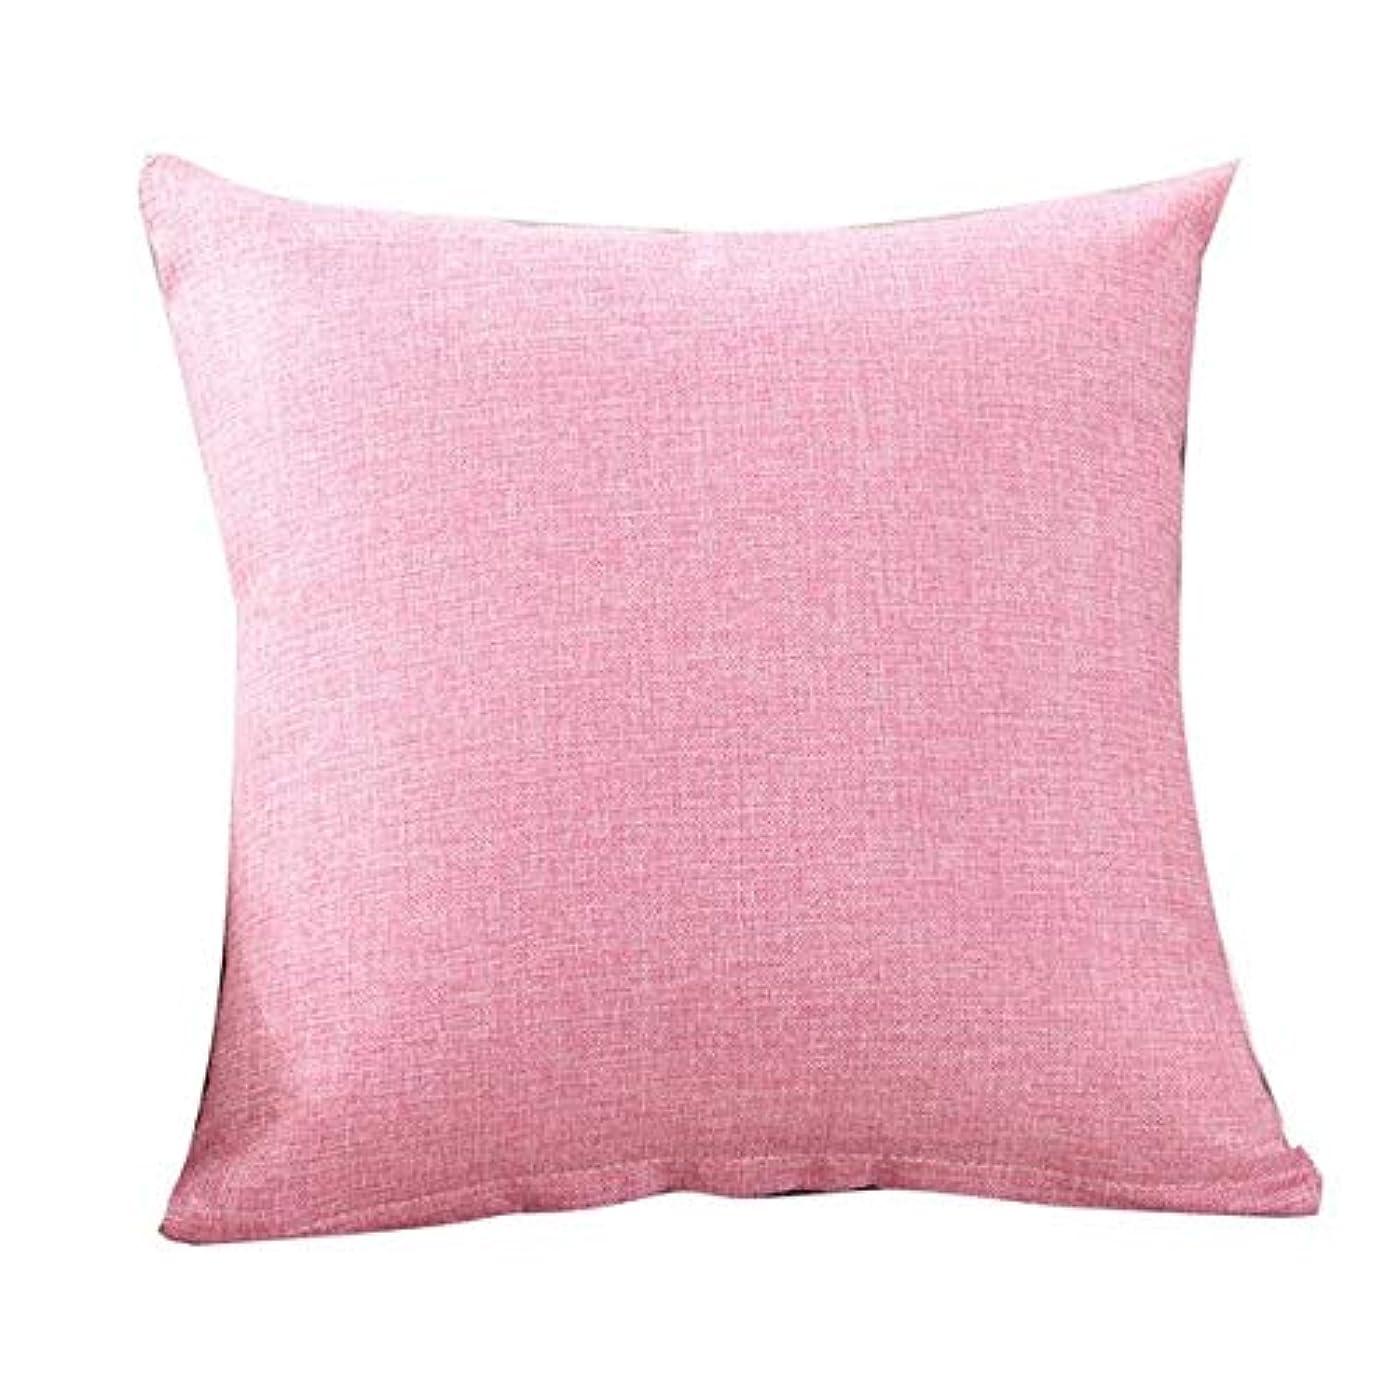 会話パテおとうさんLIFE クリエイティブシンプルなファッションスロー枕クッションカフェソファクッションのホームインテリア z0403# G20 クッション 椅子